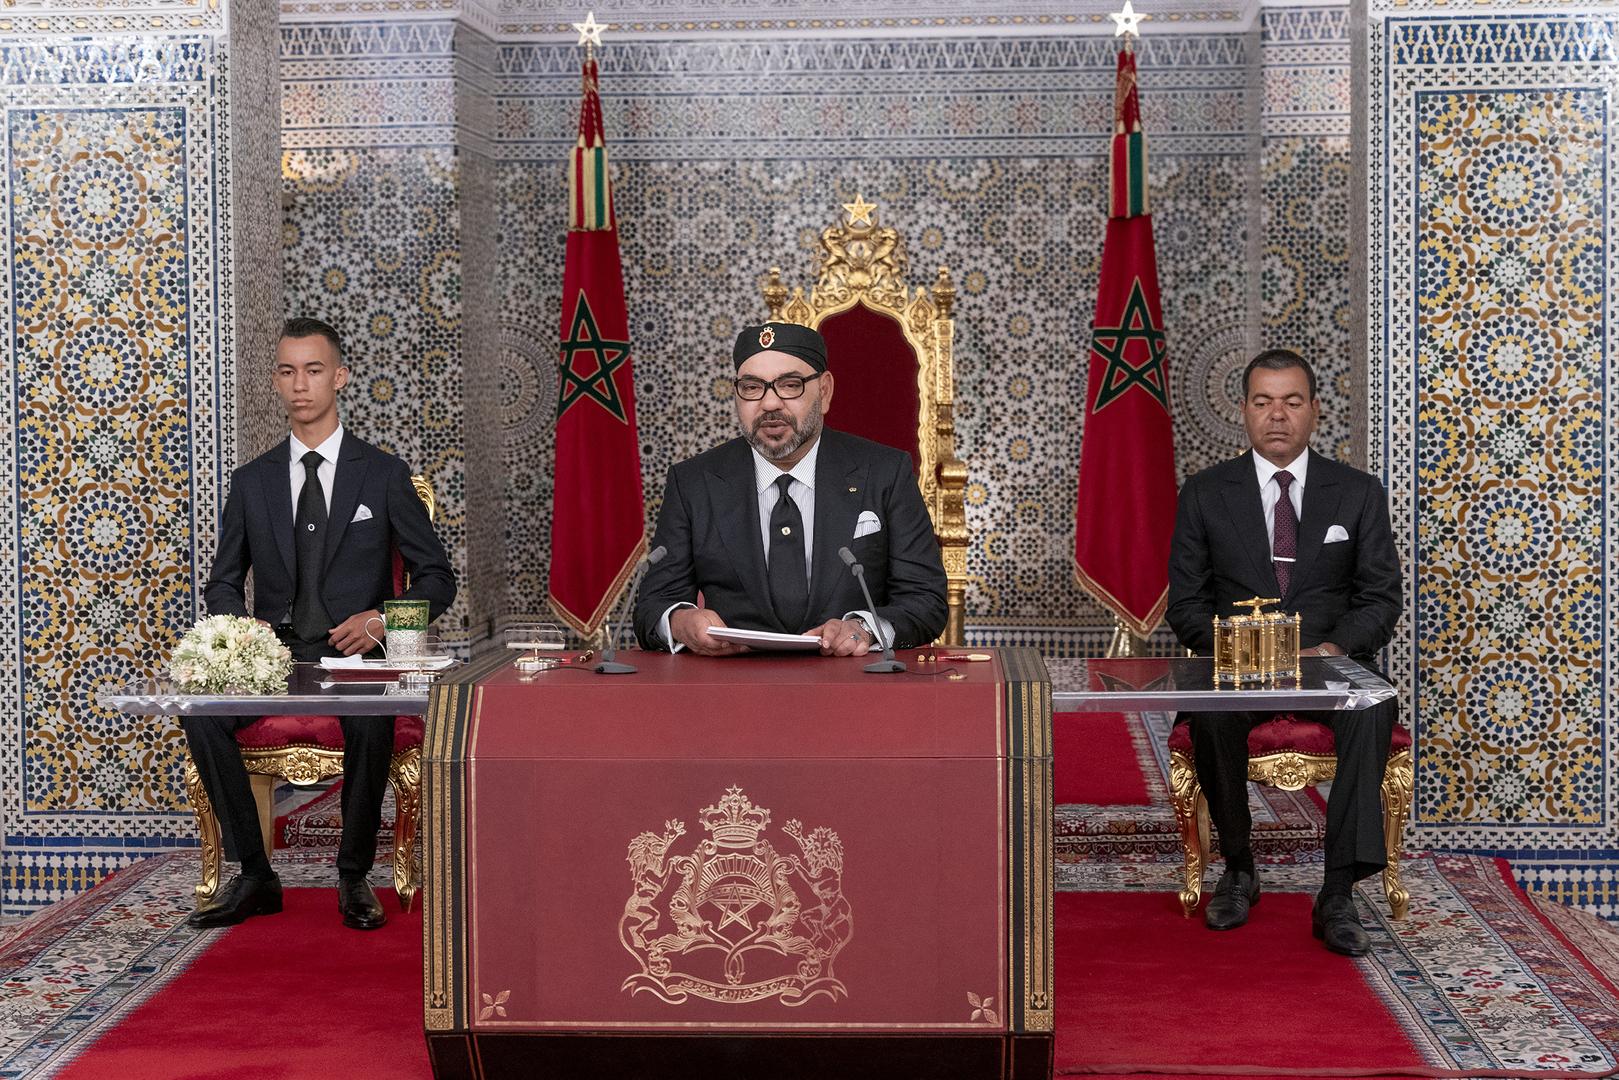 العاهل المغربي يأمر بإرسال مساعدات طبية إلى 15 دولة إفريقية